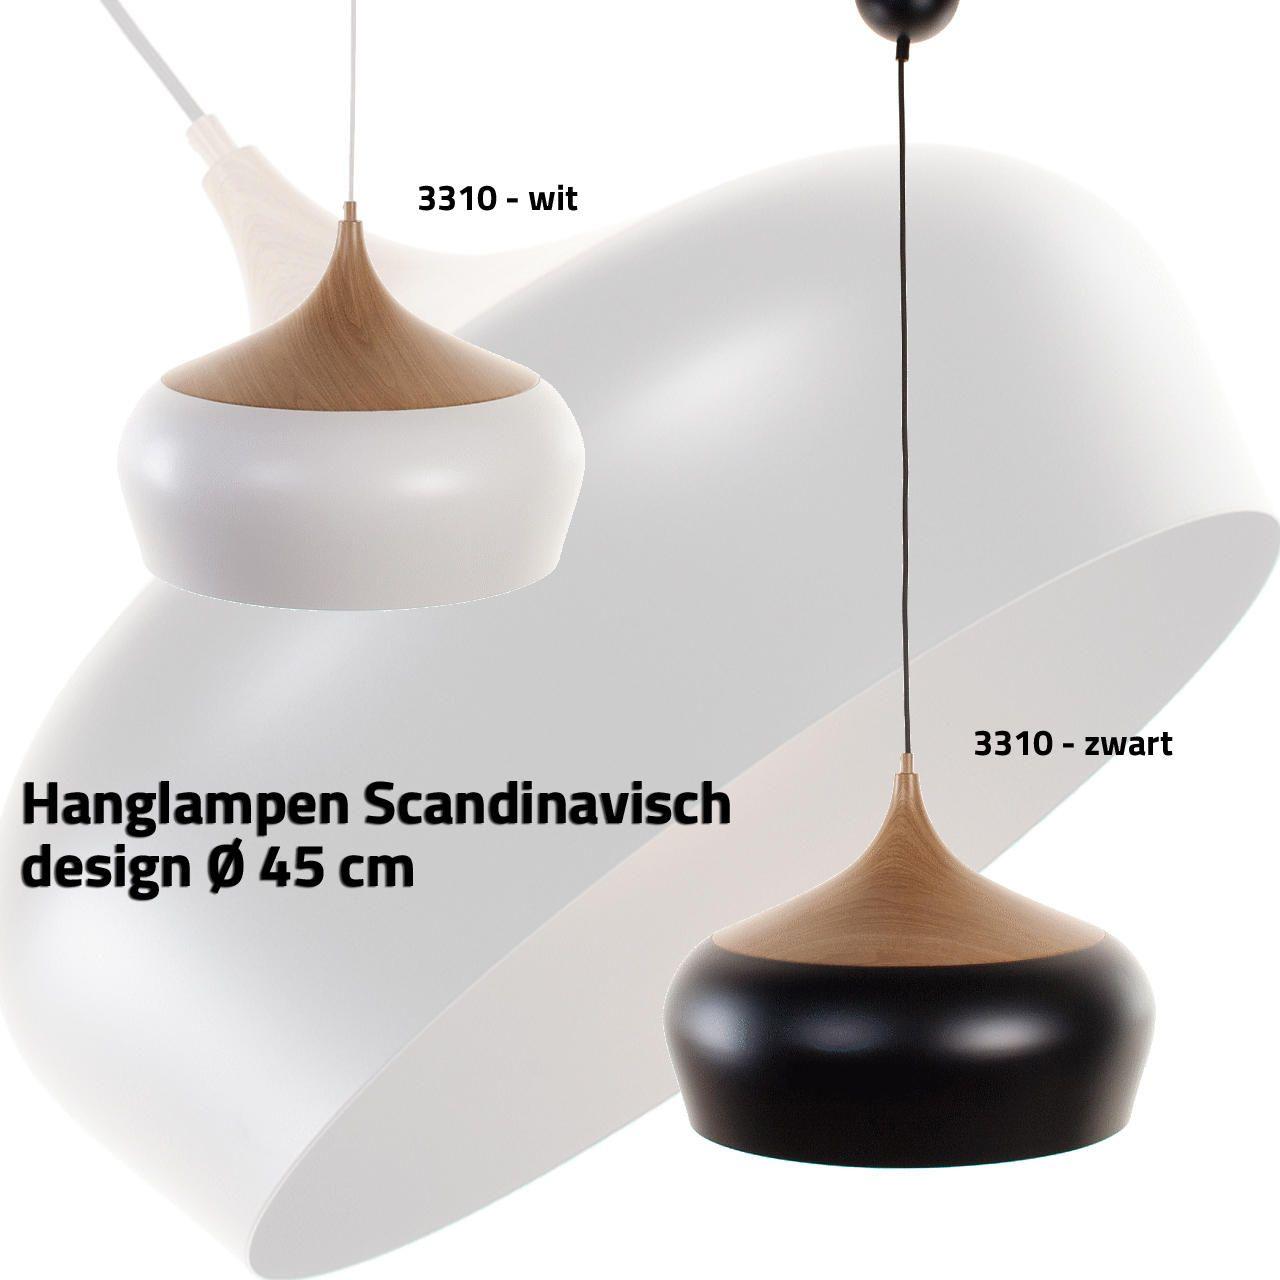 Hanglamp scandinavisch design zwart met hout ⌀ 45cm LampenConcurrent.nl